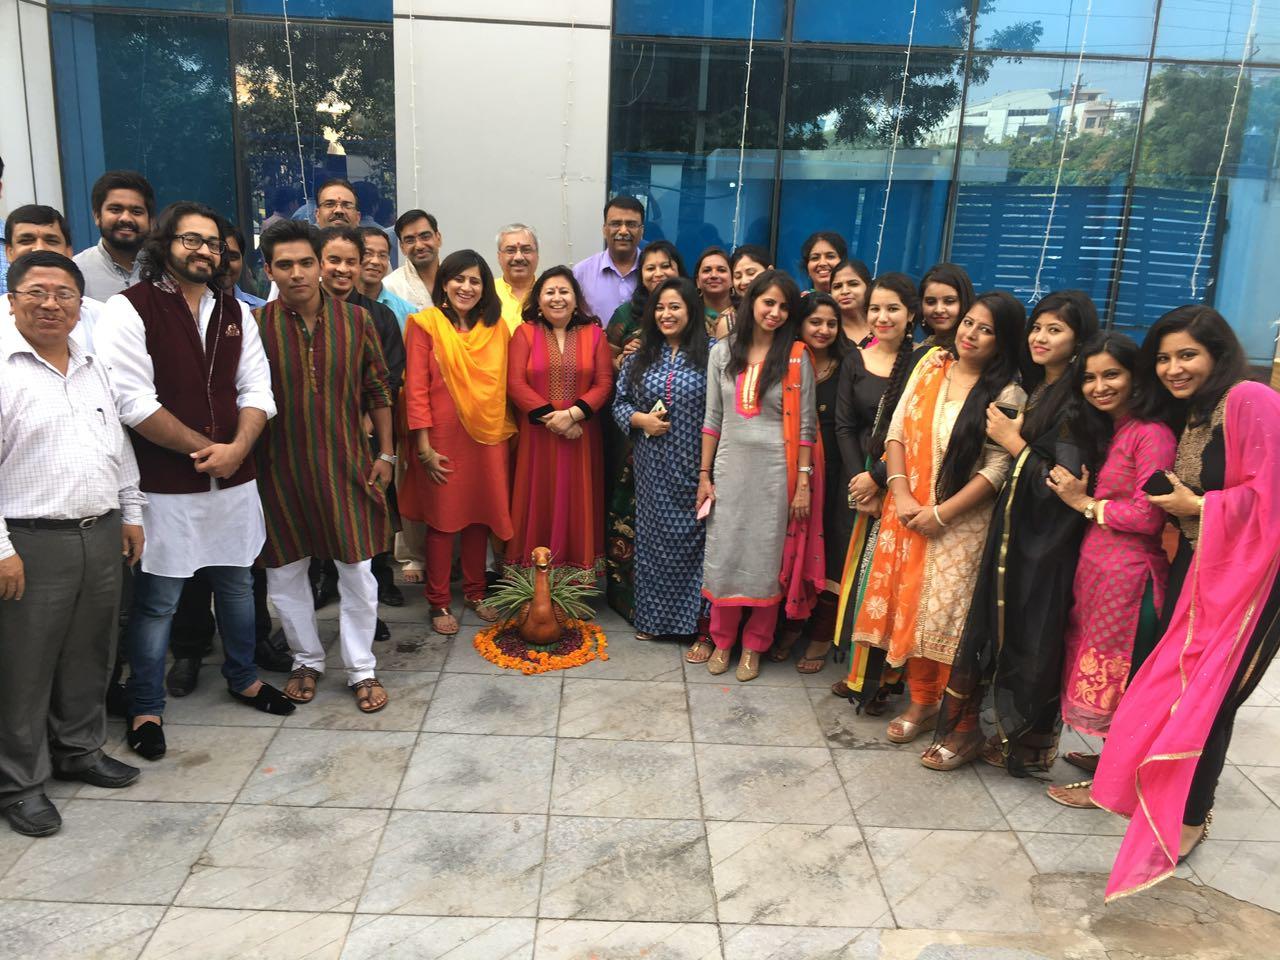 http://www.adityabooks.in//Upload/PhotoGallery/18062019_063719_DiwaliCelebrations.jpg